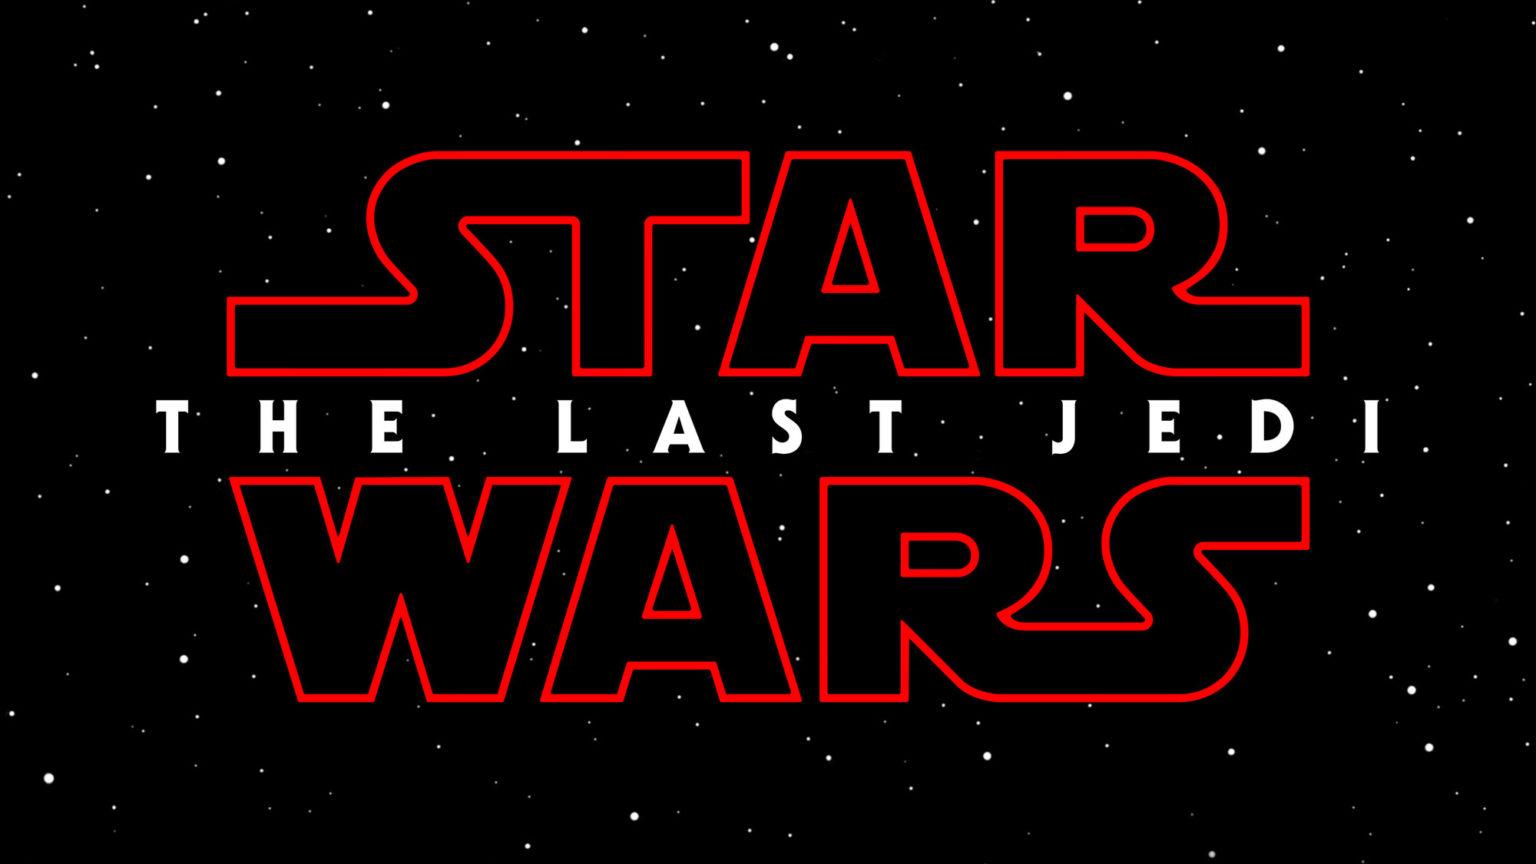 Star Wars The Last Jedi Logo